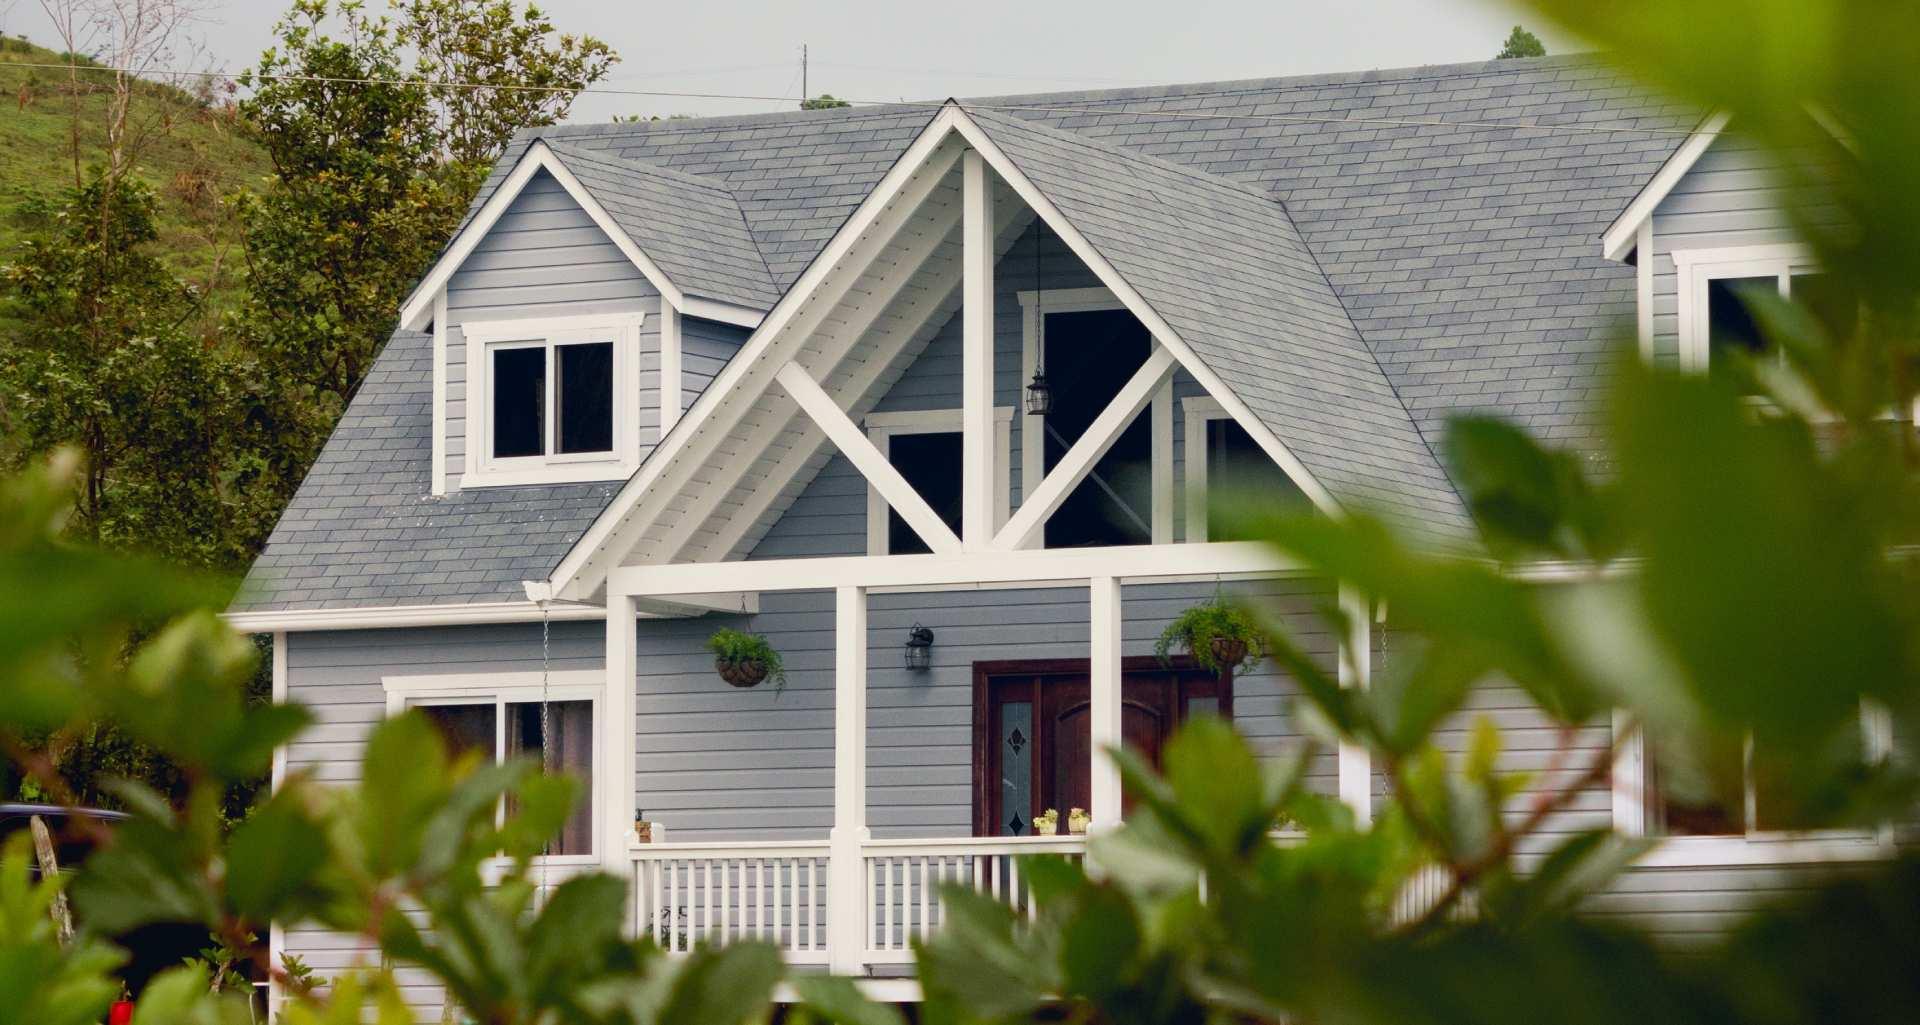 Jak szybko iniedrogo podnieść wartość domu przedsprzedażą?